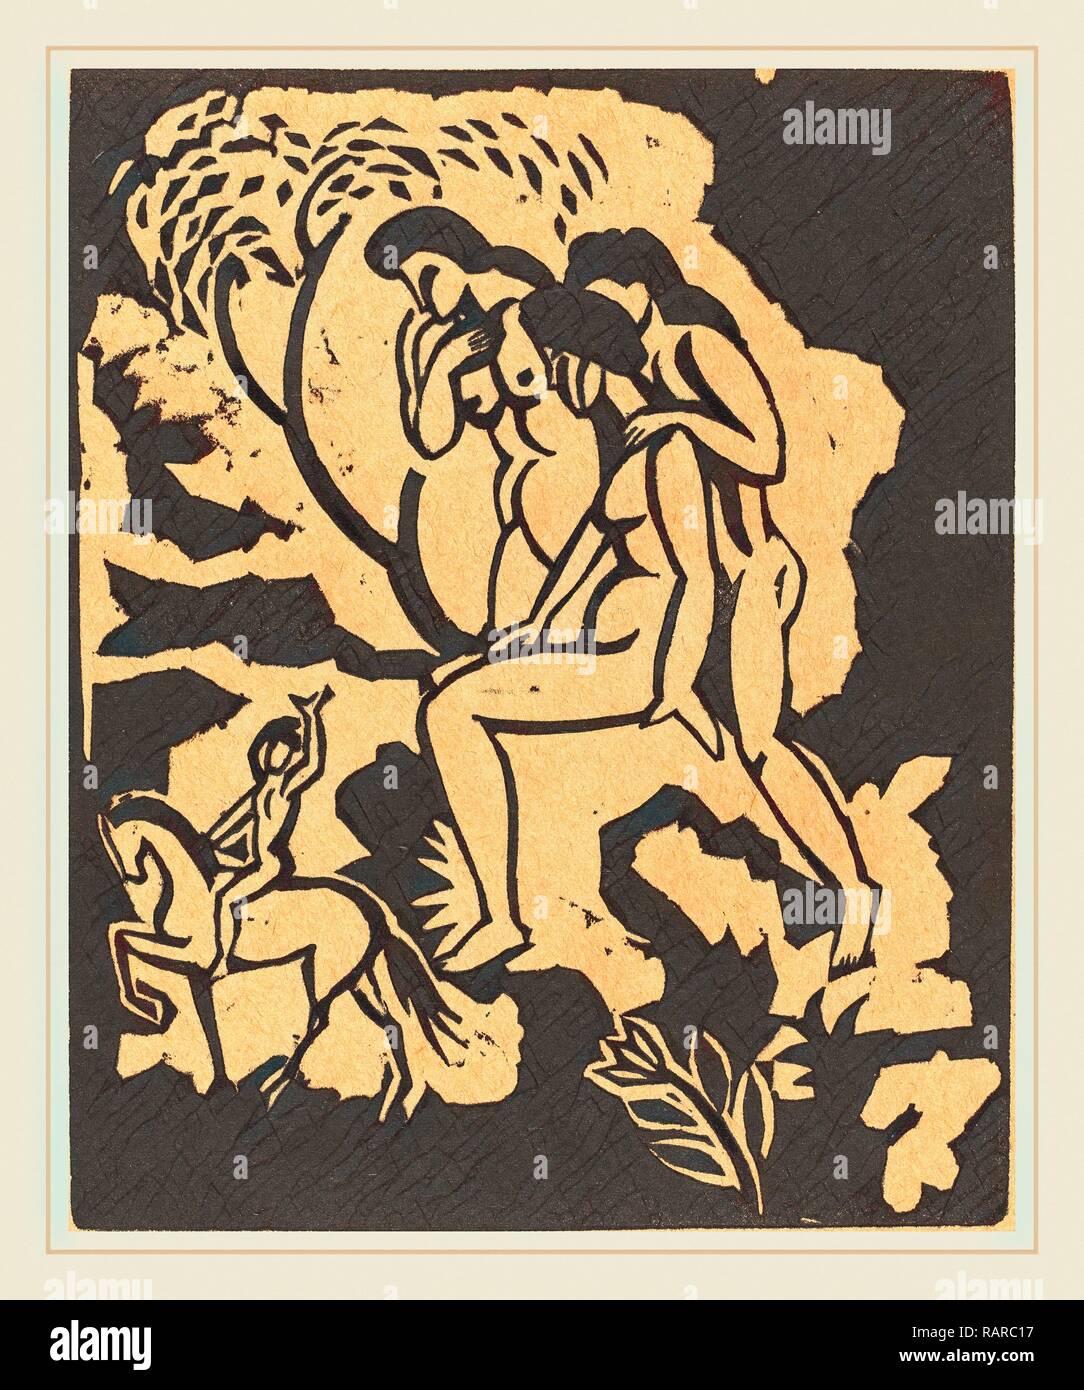 August Macke, Begrüssung (saluto), Tedesco, 1887-1914, xilografia in nero su carta marrone chiaro. Reinventato da Gibon. Classic reinventato Immagini Stock